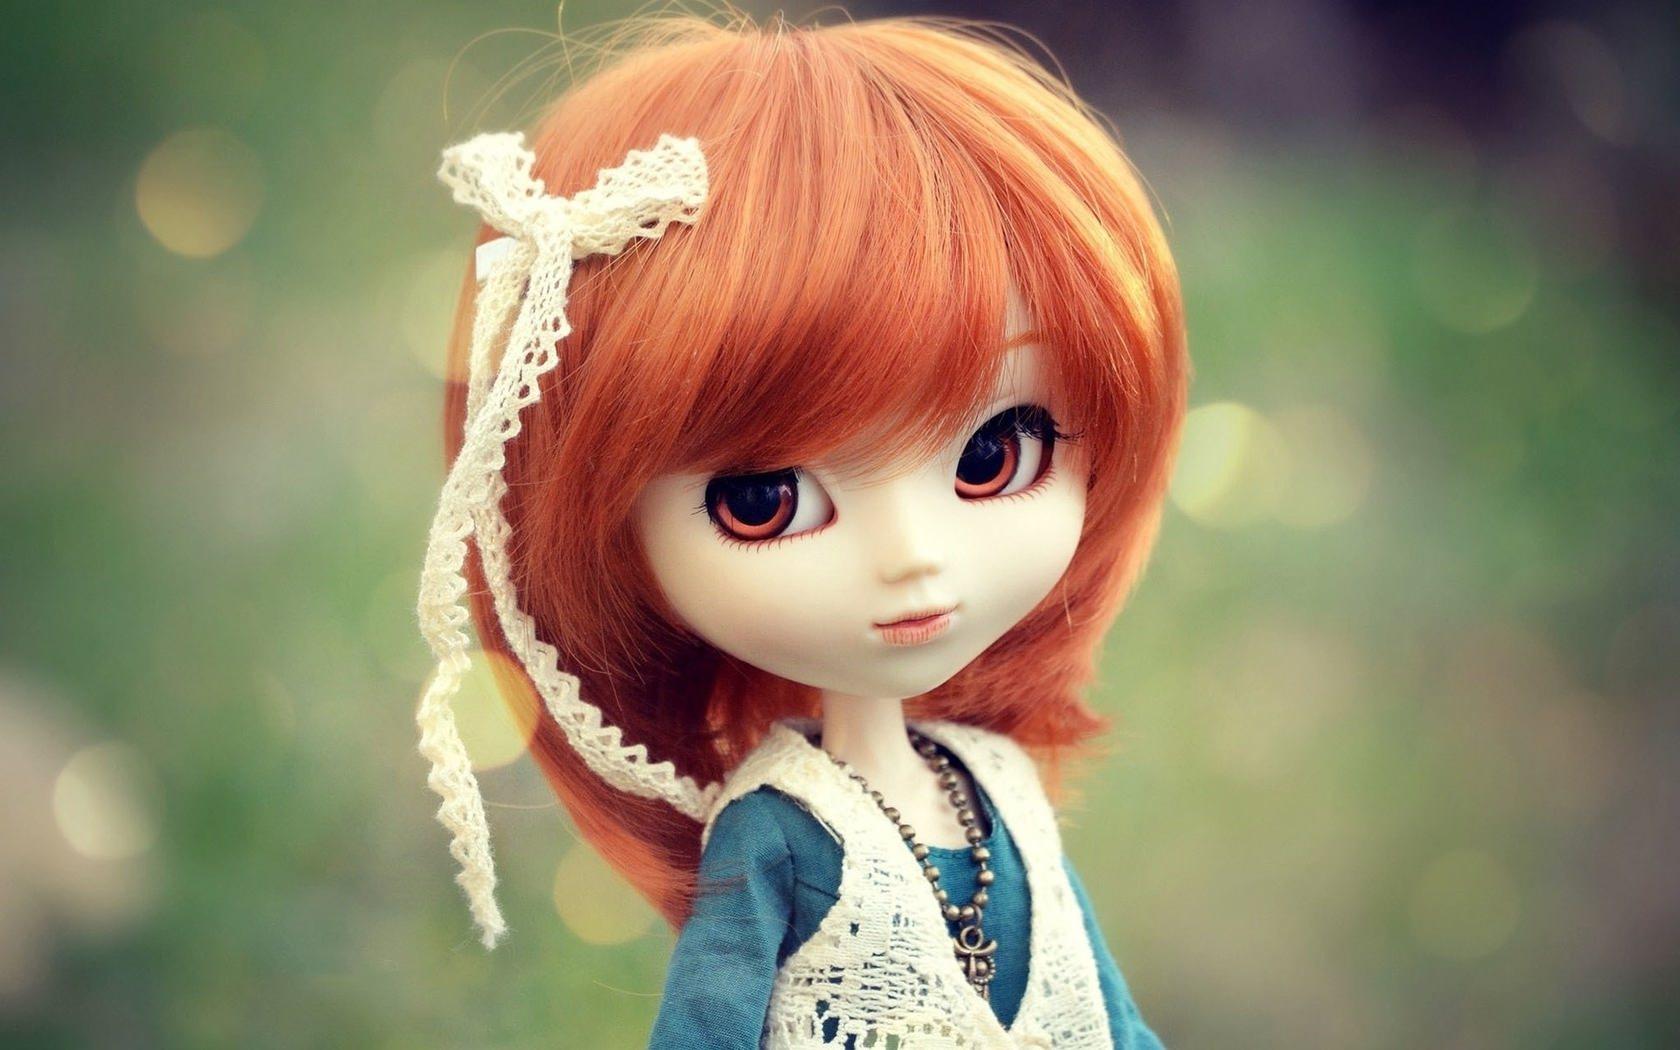 doll-12984